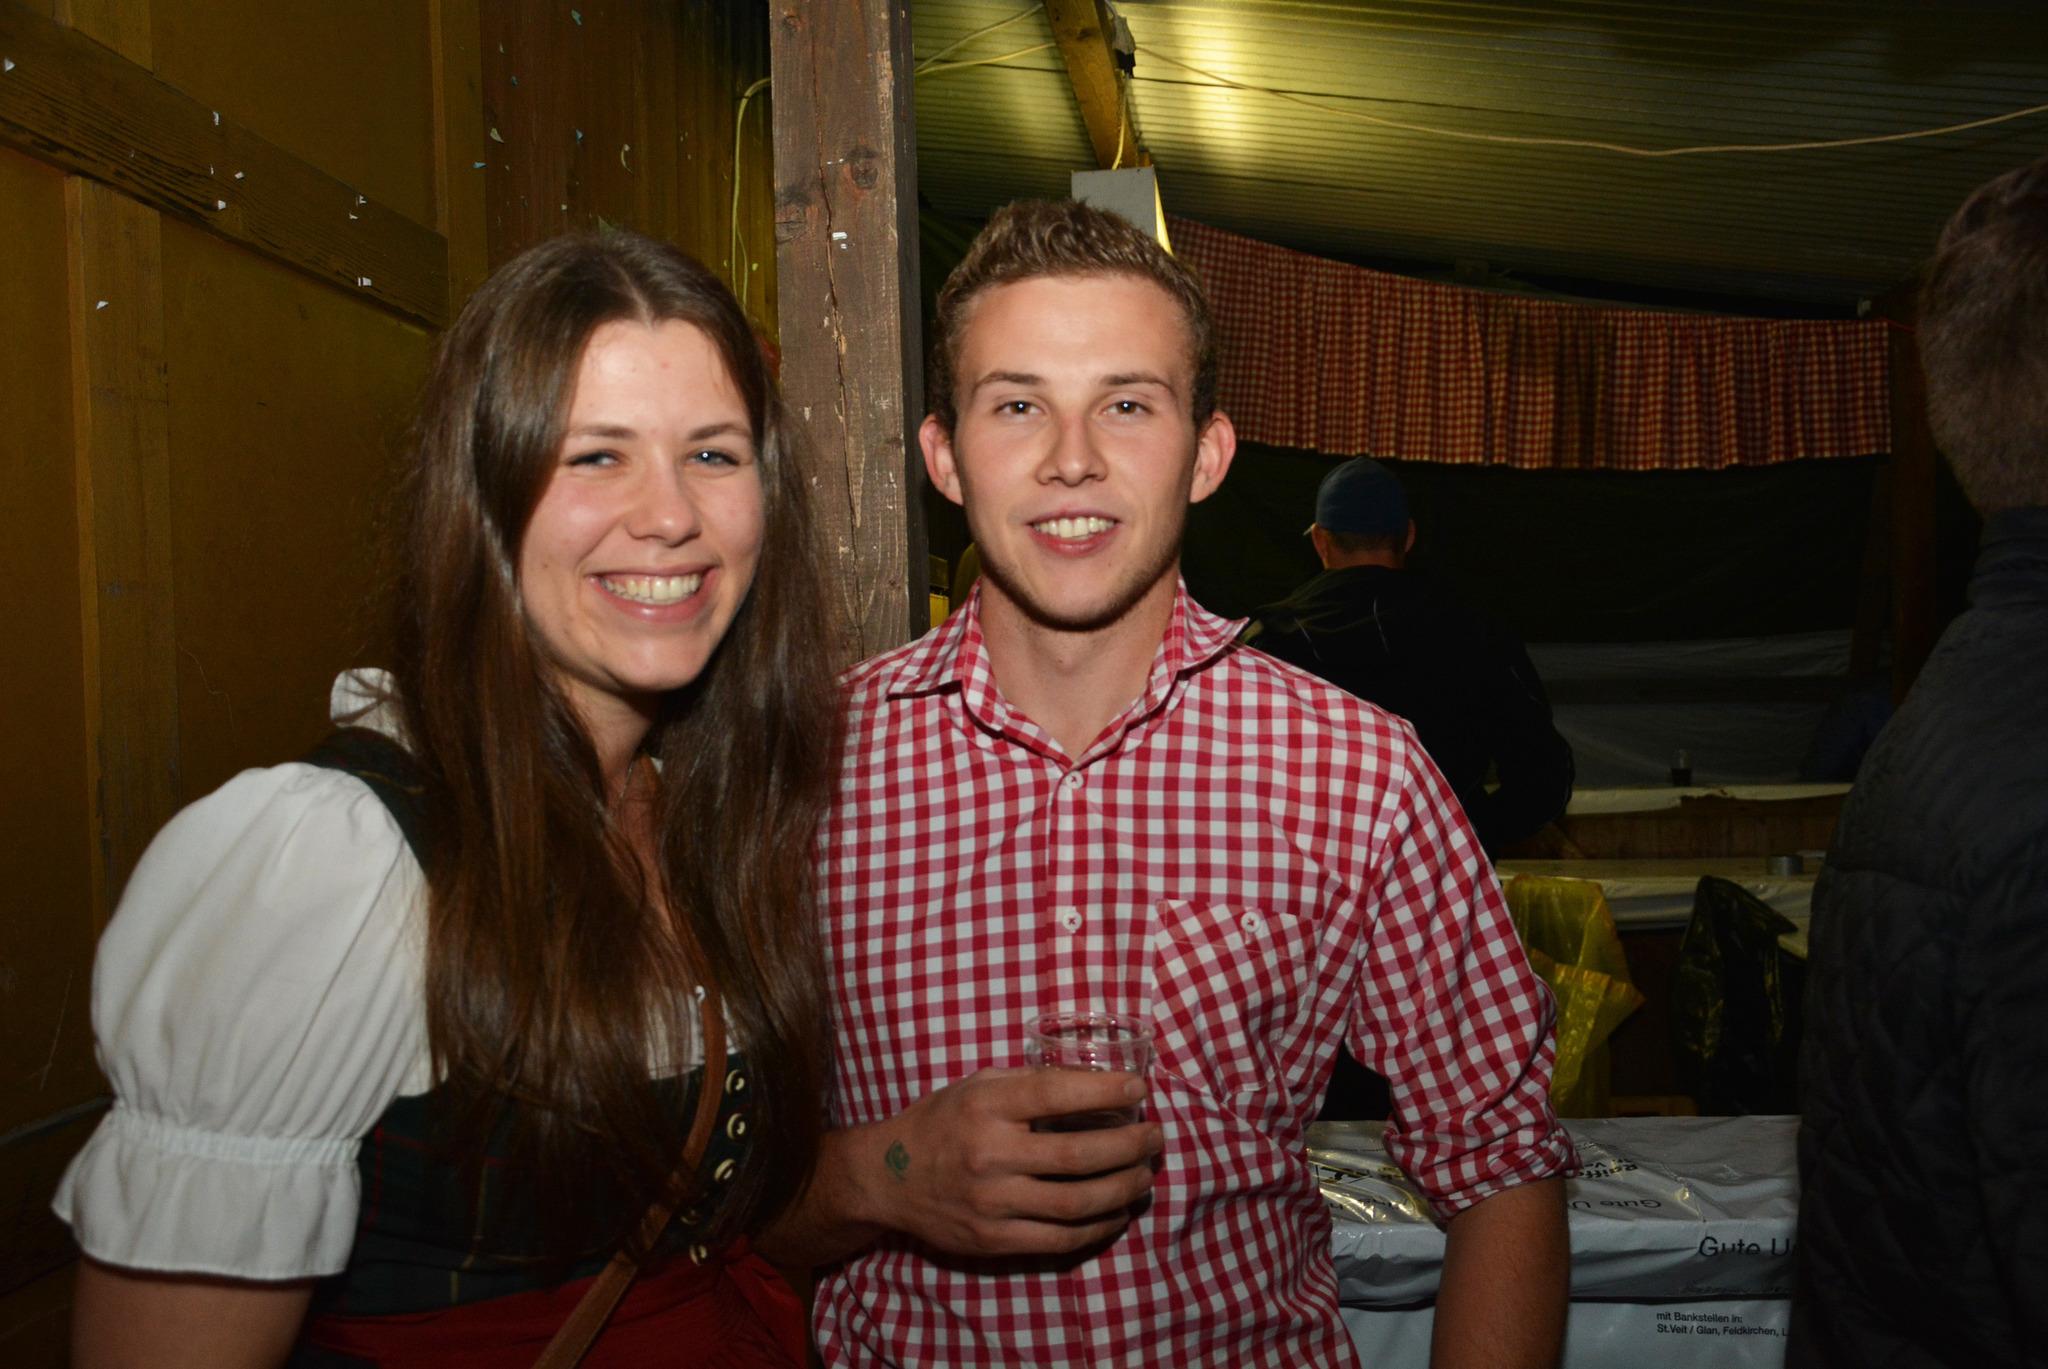 Flirt in Treibach bei Sankt Veit an der Glan und Frauen und